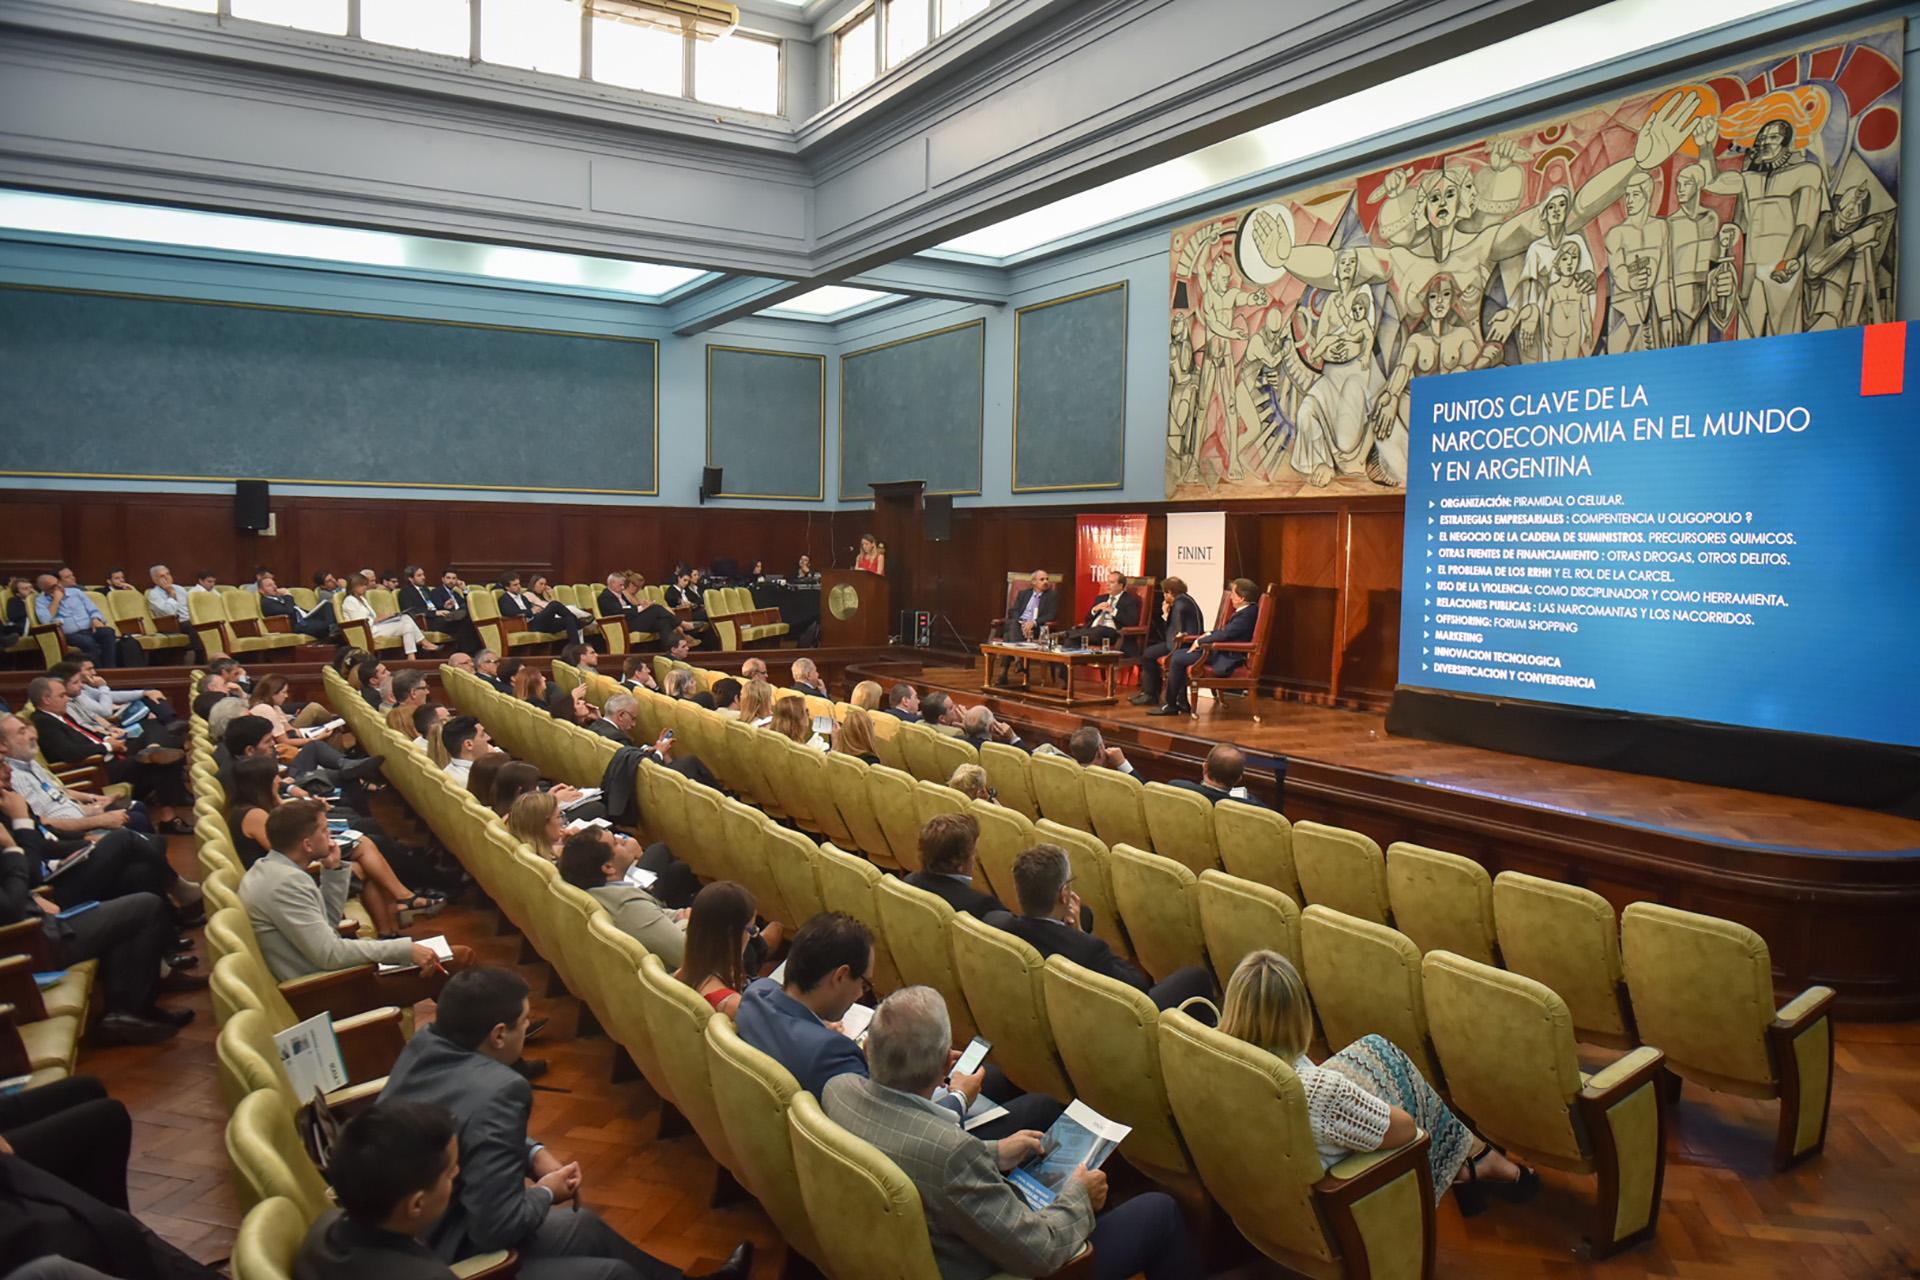 """El Workshop """"Las Finanzas del terrorismo y el crimen organizado"""" se realizó en el aula magna de la Facultad de Derecho de la Universidad de Buenos Aires"""